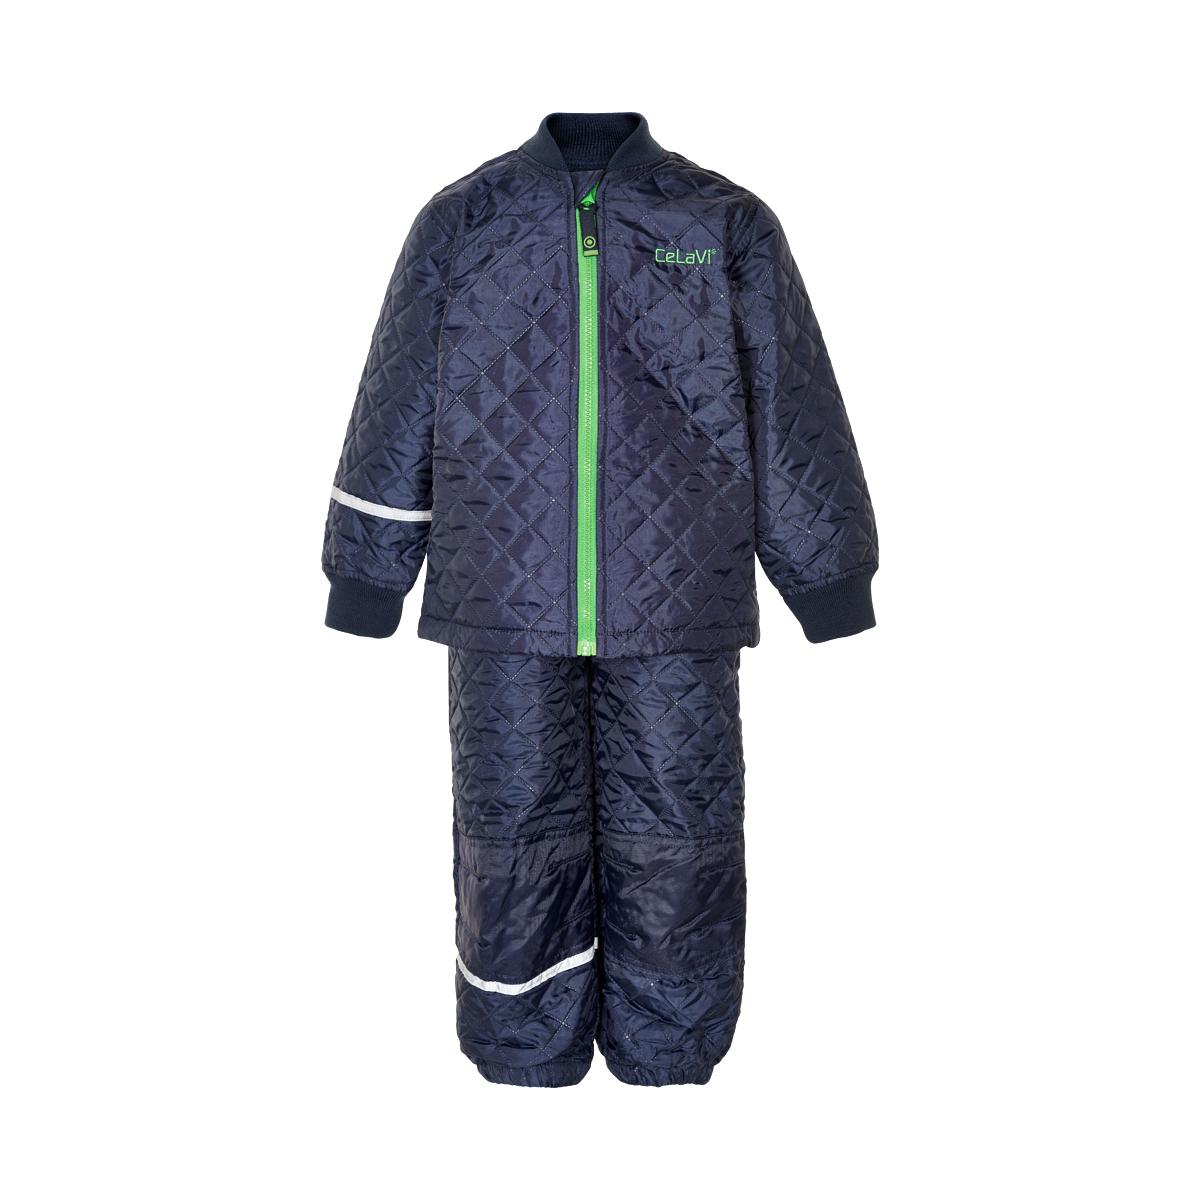 CeLaVi dětský termo oblek 3555-772